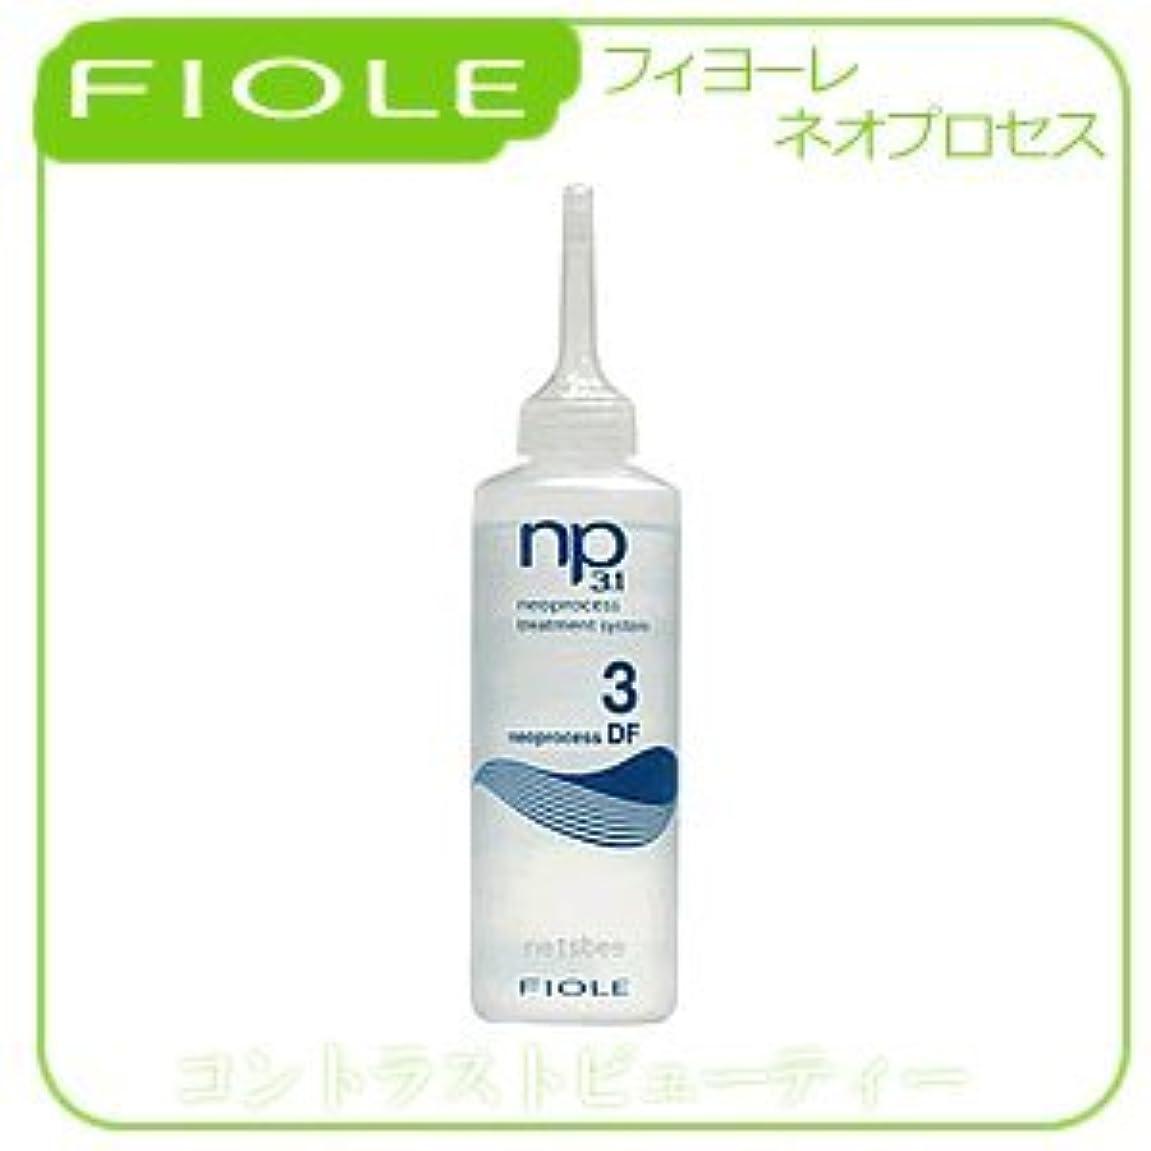 発信ピッチ壮大な【X5個セット】 フィヨーレ NP3.1 ネオプロセス DF3 130ml FIOLE ネオプロセス